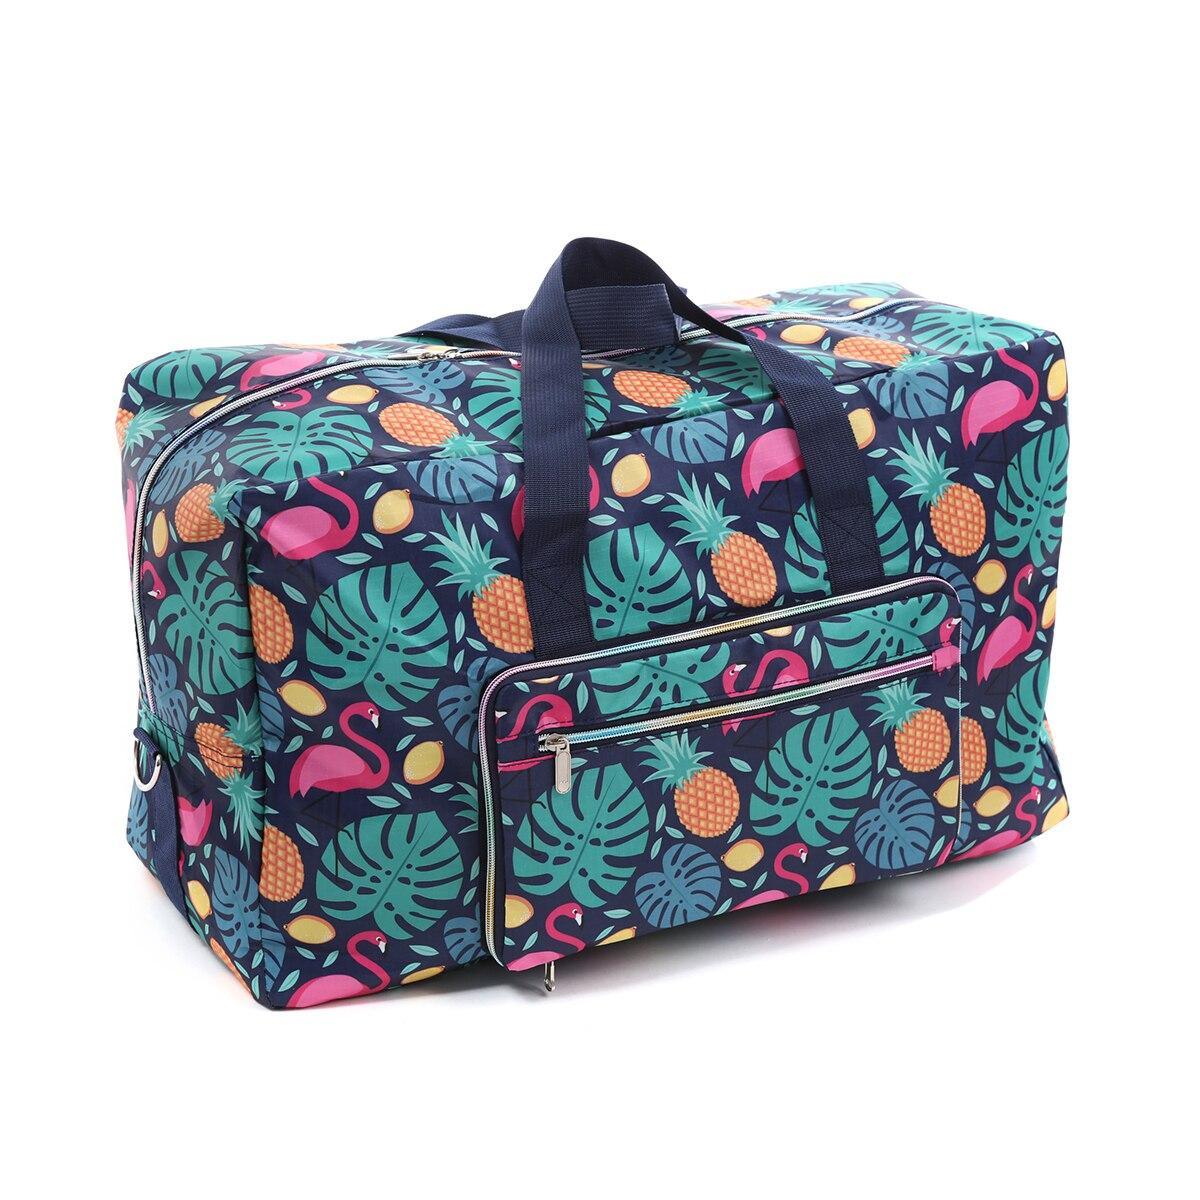 Bolso de lona plegable para mujer, bolso grande de viaje, bolso de fin de semana portátil organizador de viajes, bandolera, bolso grande de noche, bolso impermeable nuevo Pantalla Ultra grande de 3